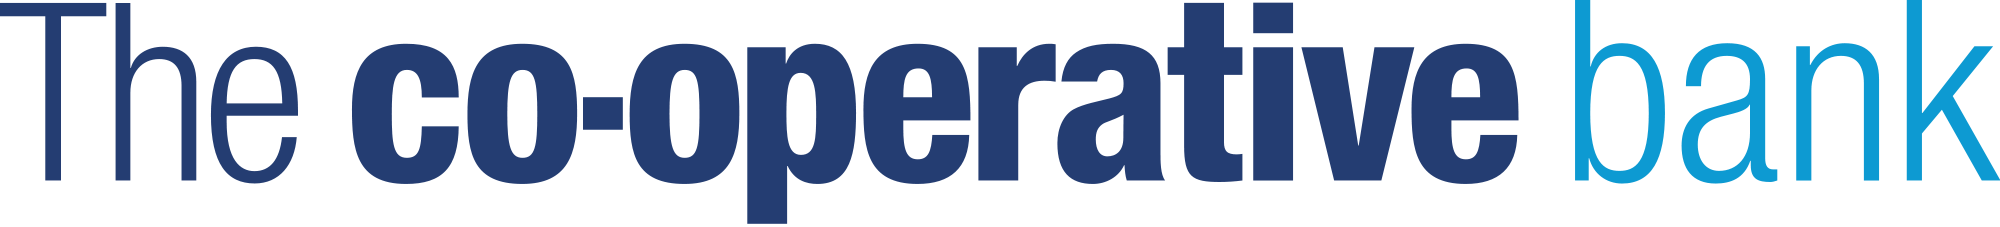 Co-Operative Bank Loans logo